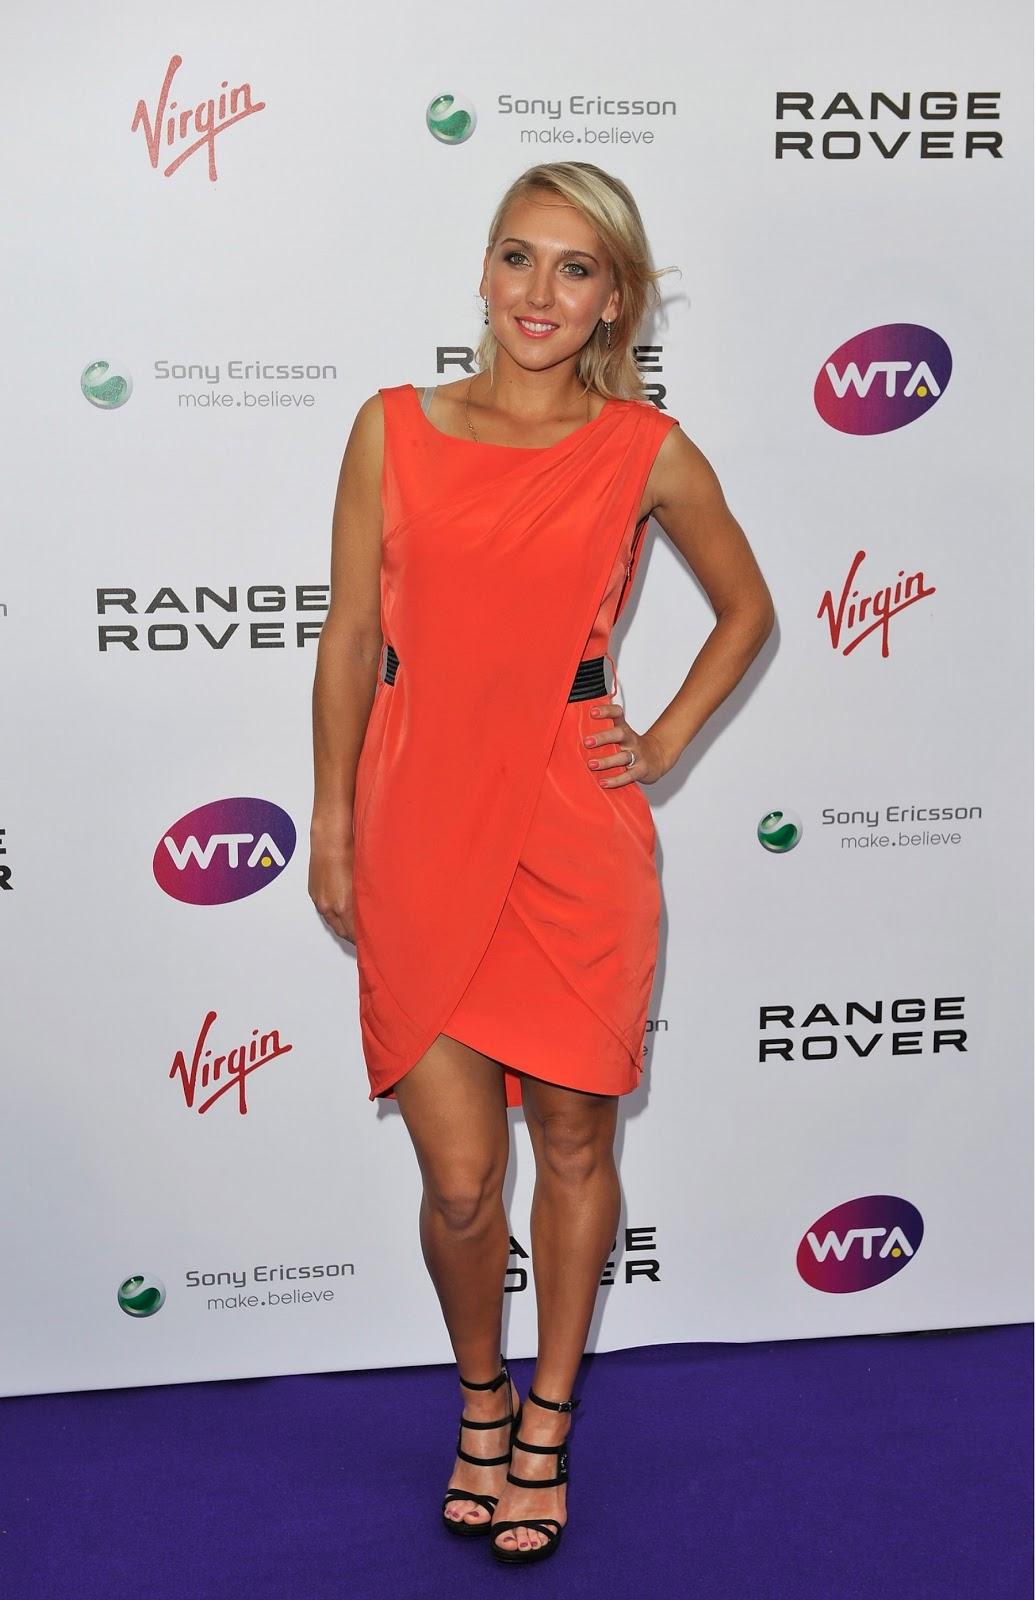 ¿Cuánto mide Elena Vesnina? Vesnina5